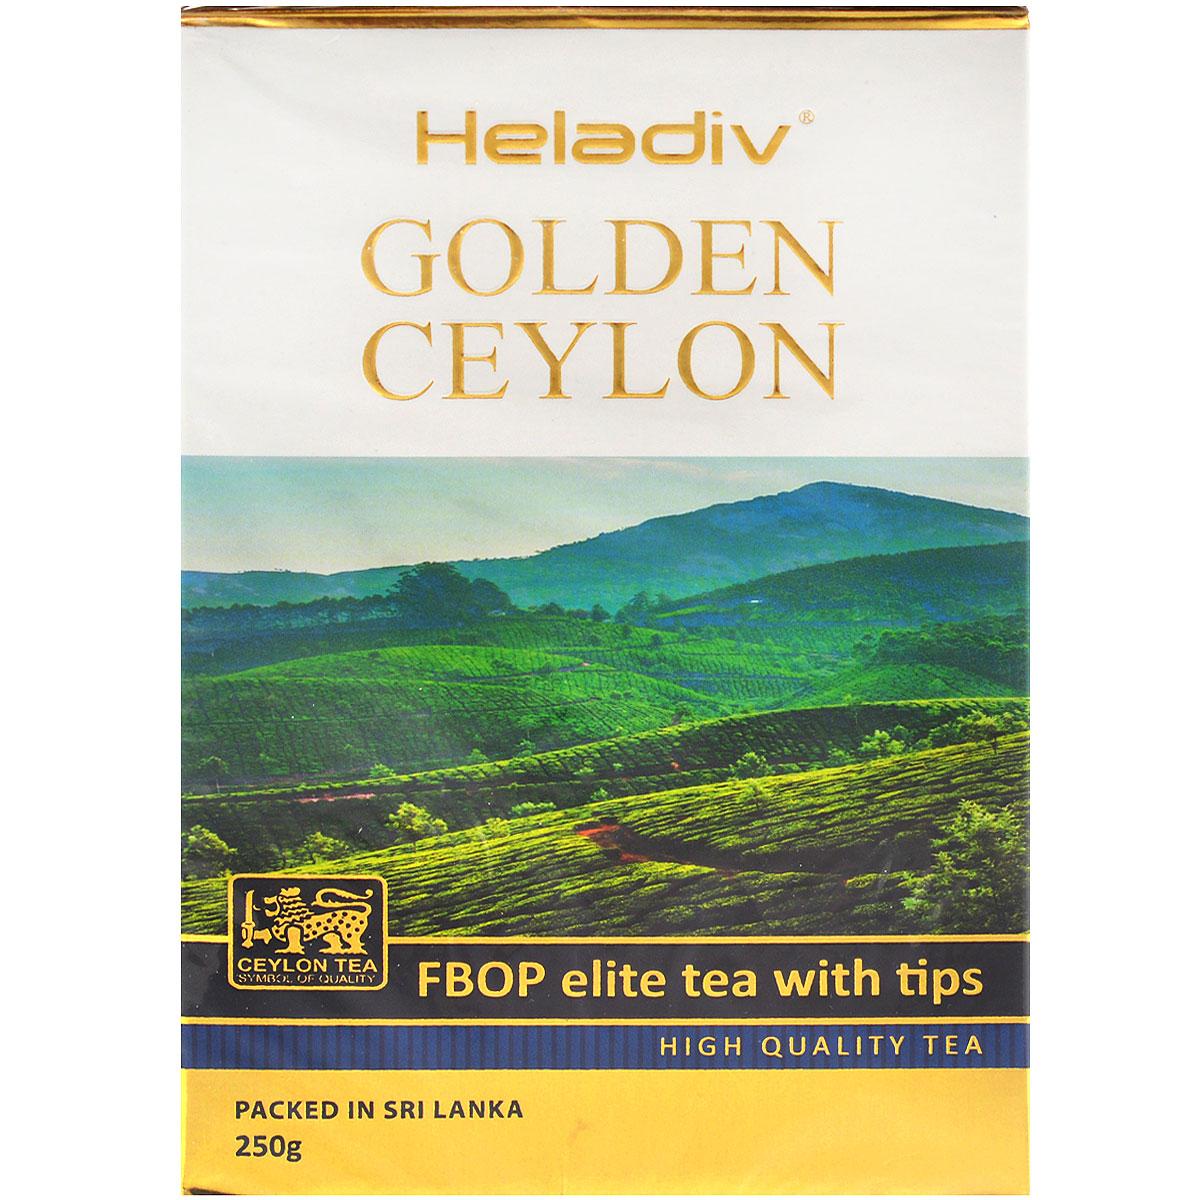 Heladiv Golden Ceylon Fbop Elite Tea with Tips черный листовой чай, 250 г4791007010654Heladiv Golden Ceylon Fbop Elit Tea with Tips - резаный черный байховый чай, содержащий не слишком скрученные листья со значительной примесью листовых почек - типсов.